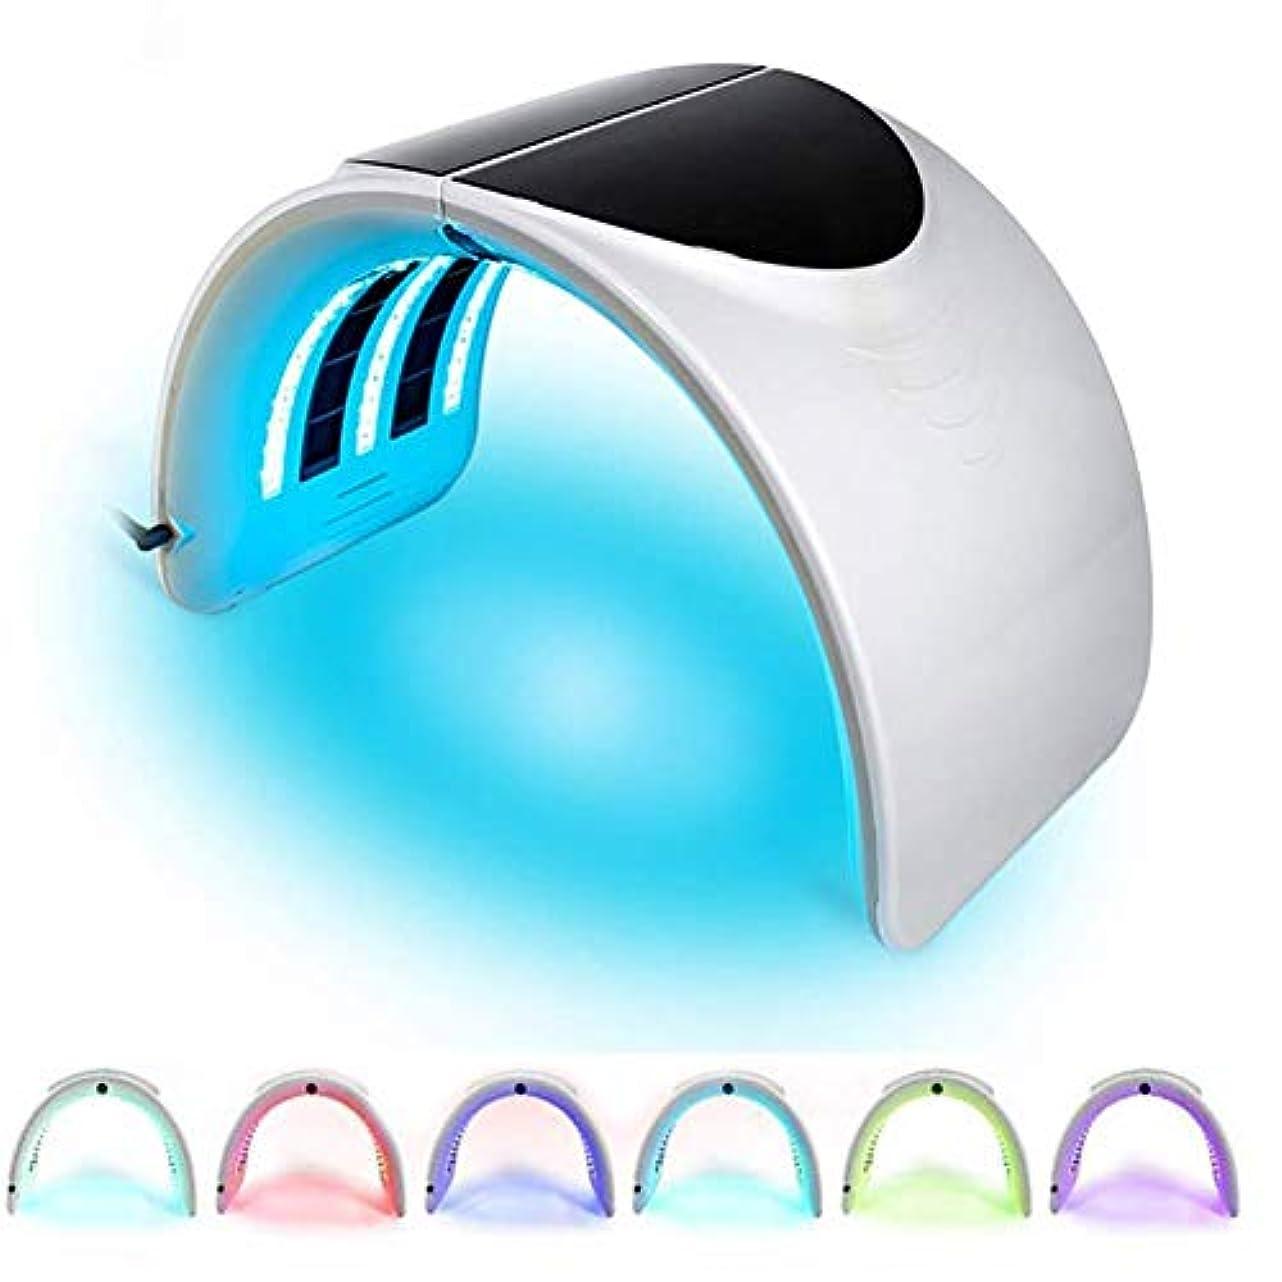 地中海包帯医学7色の軽い光子LEDのマスク、光子治療フェイシャルスキンケビューティー折りたたみ式フェイシャルスパビューティー若返りのためにしわの除去老化防止